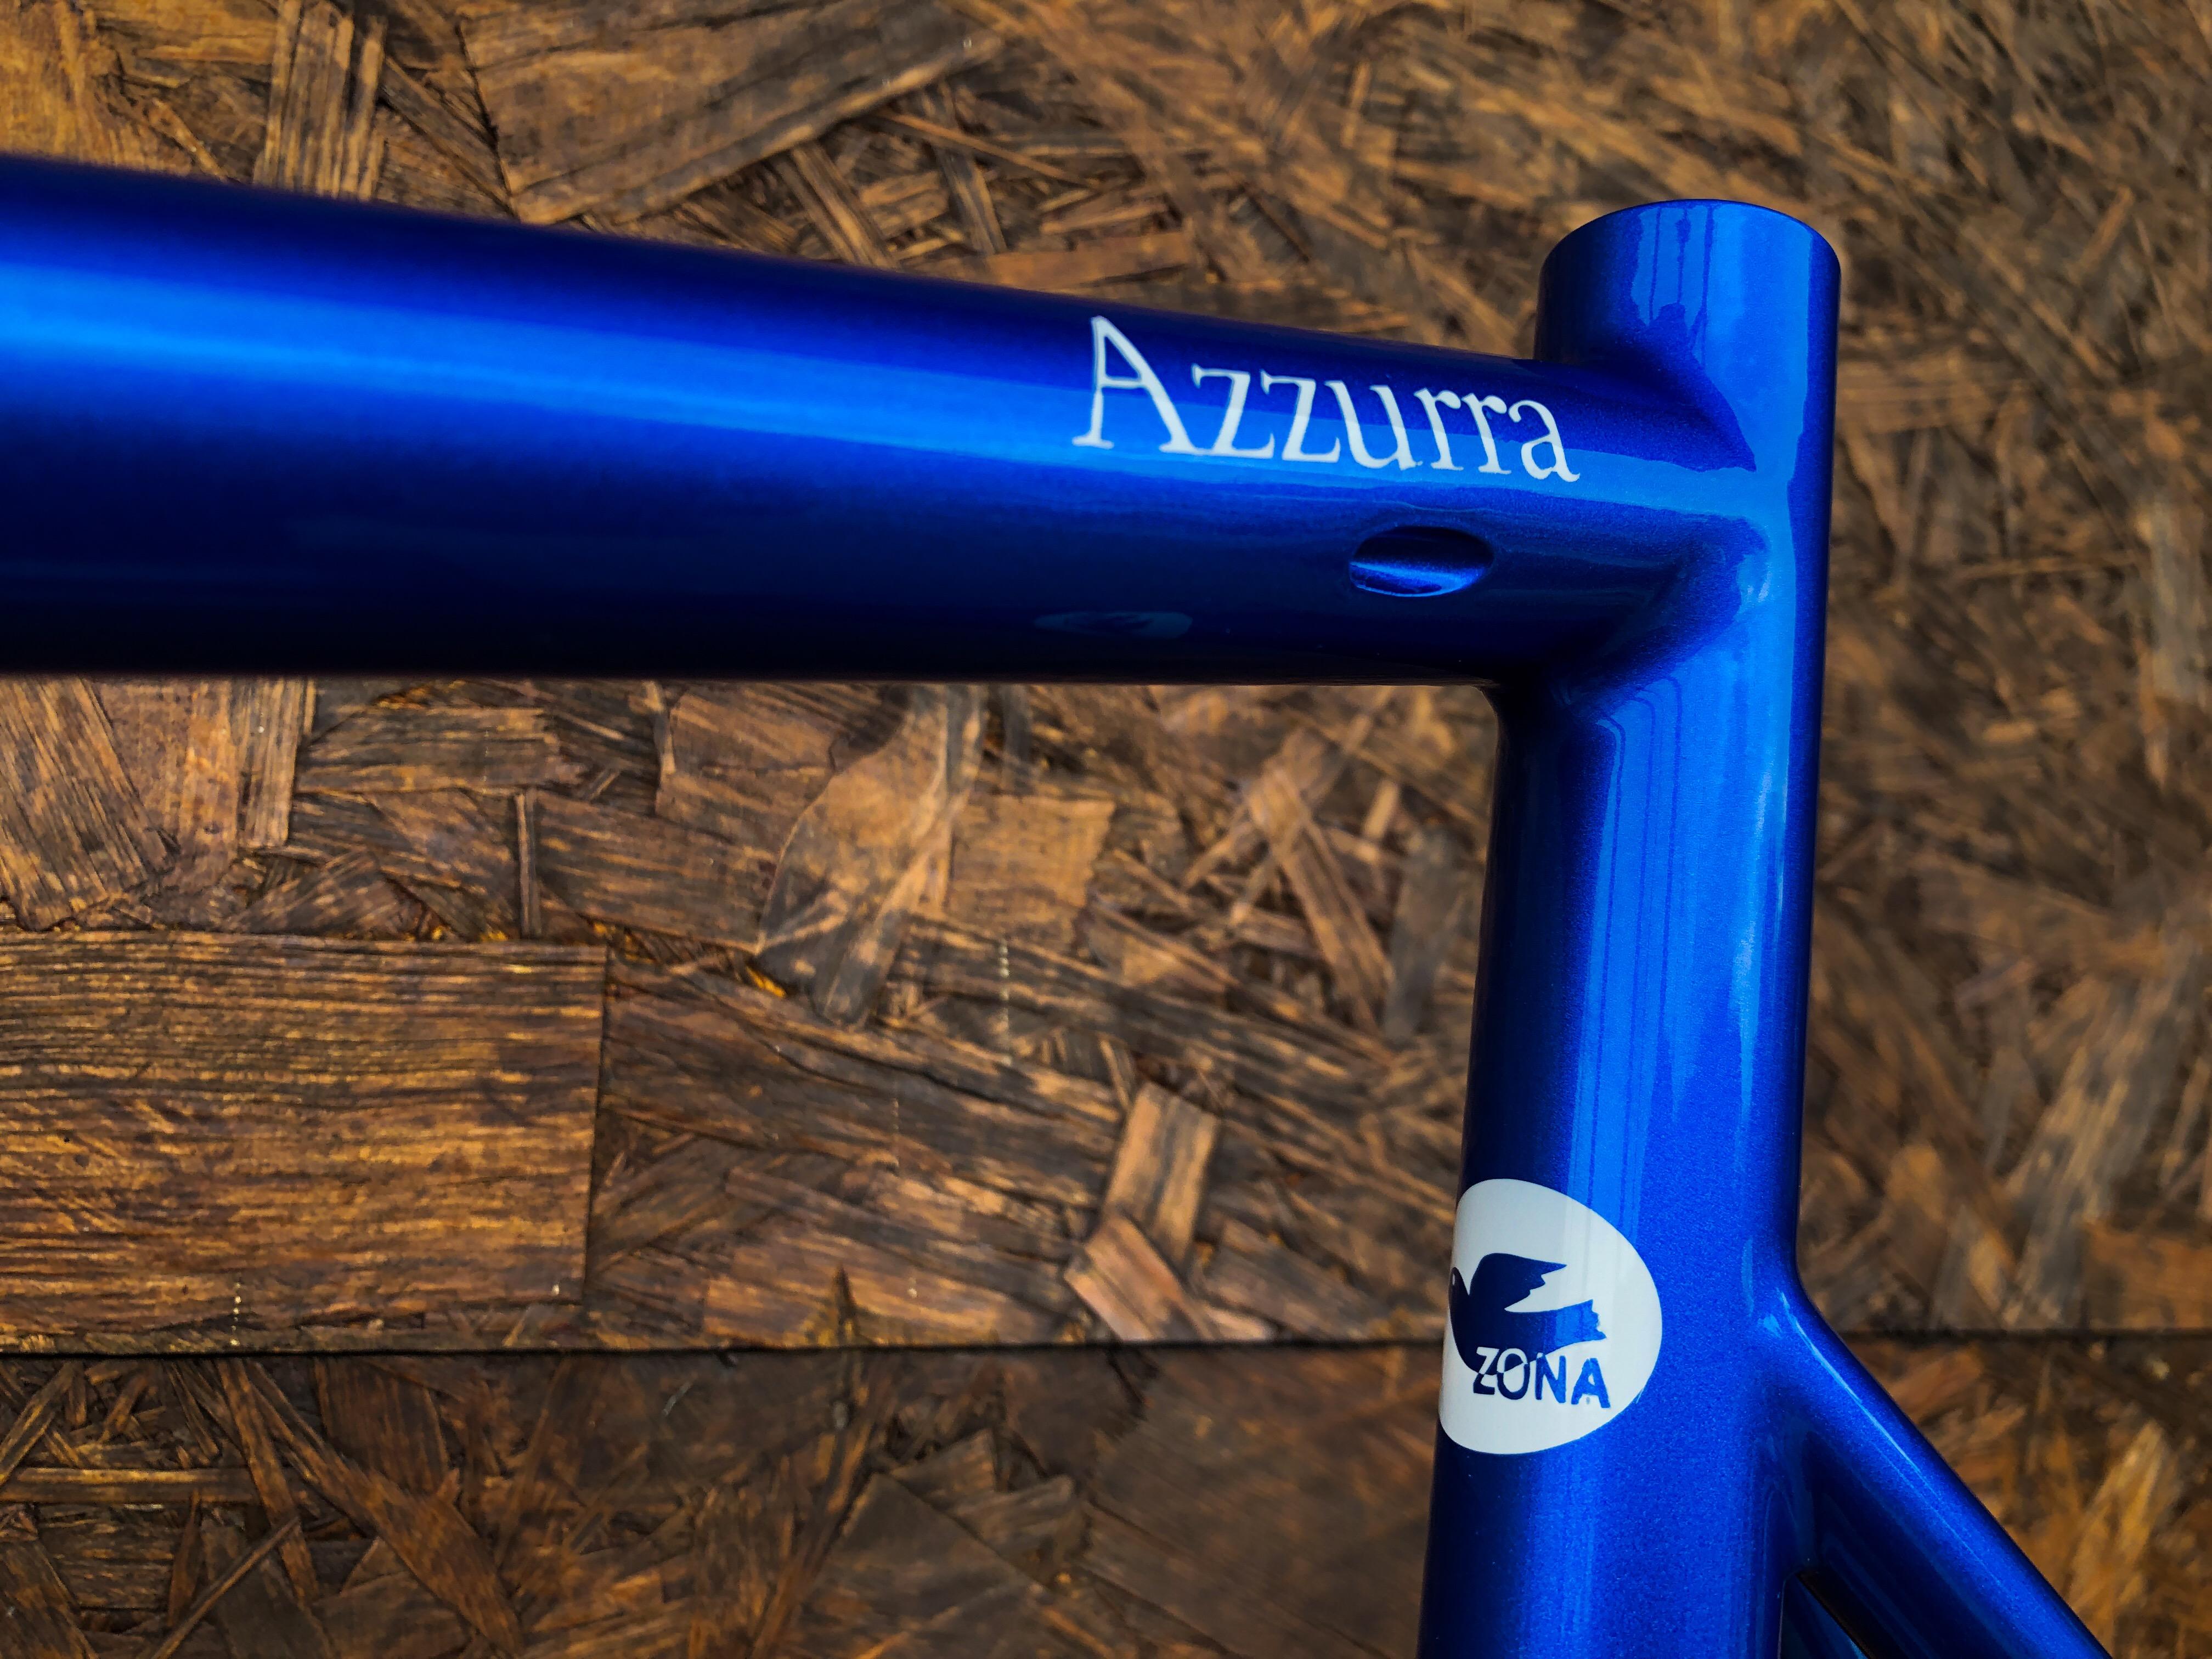 struvive Azzurra